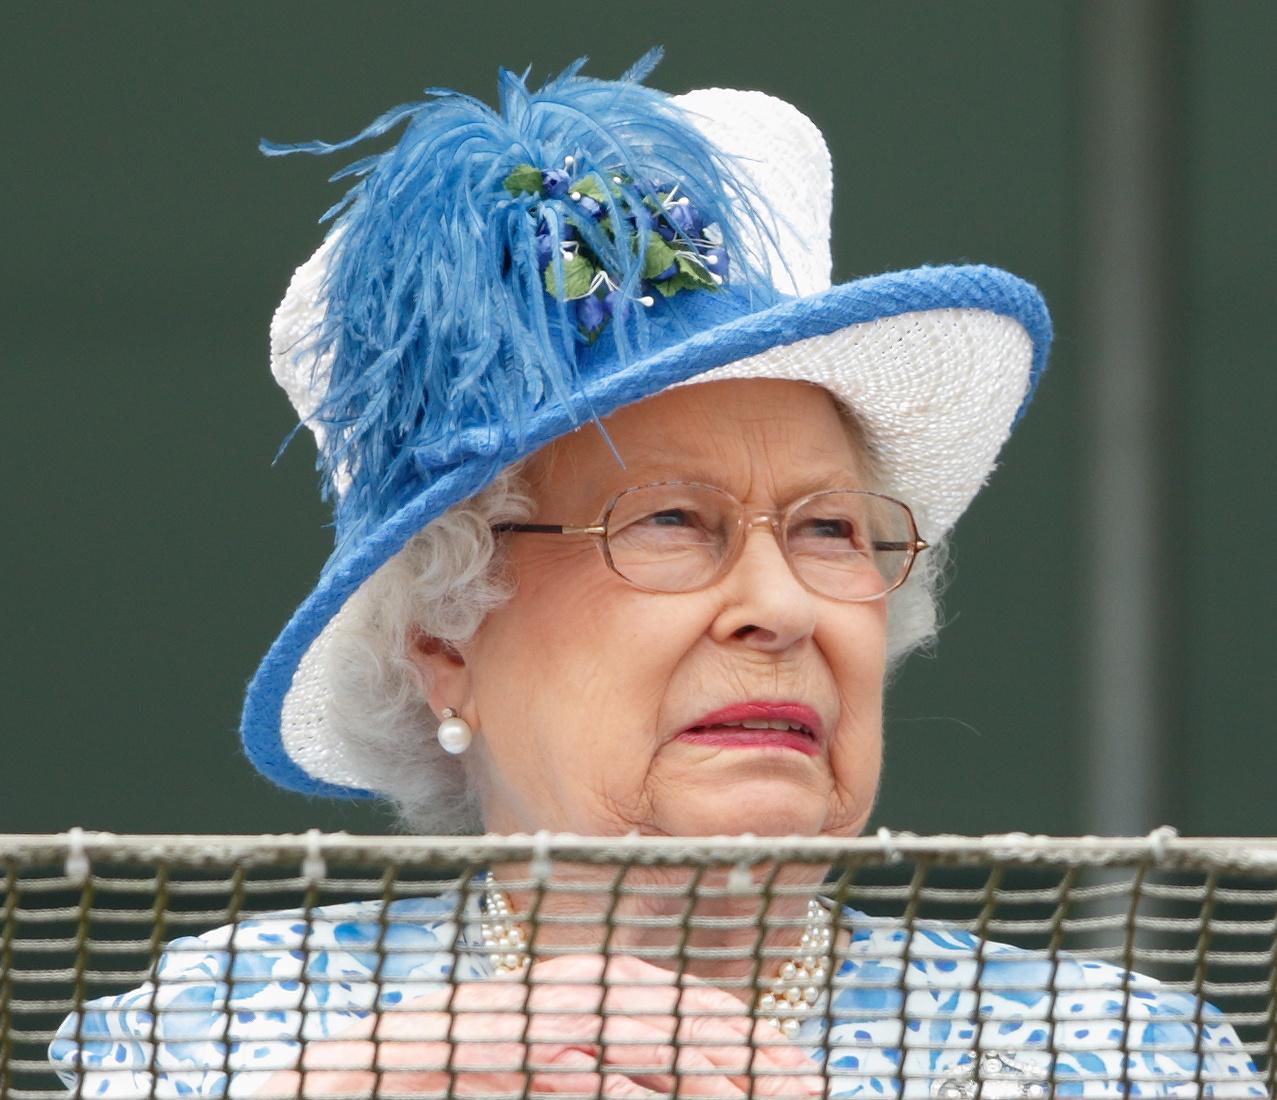 Kamilla cornwalli hercegnének is vannak szemrevaló tiarái.